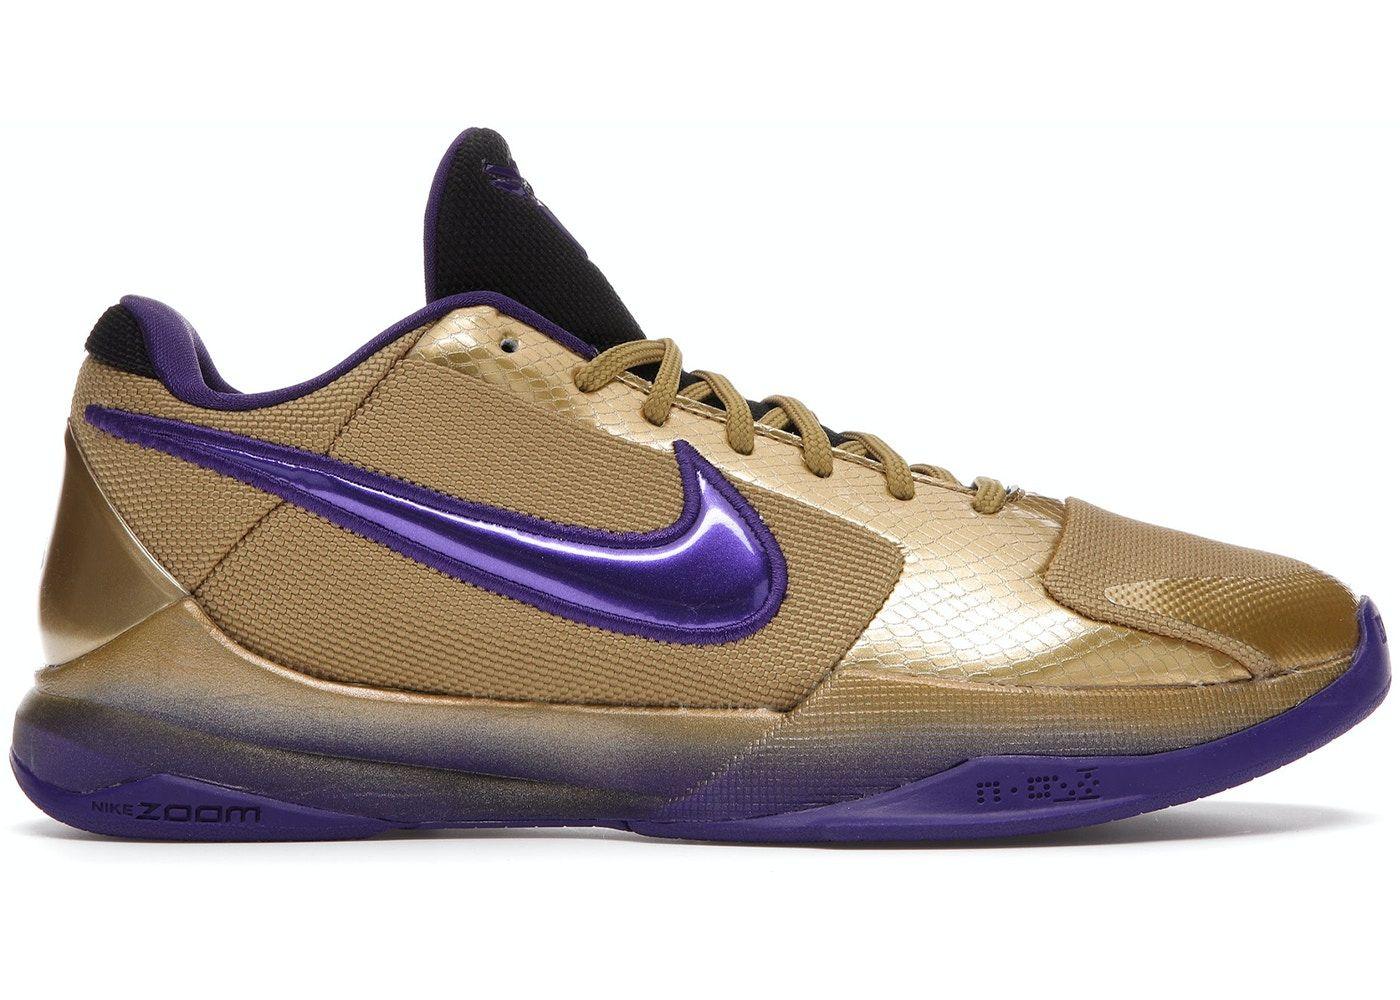 Nike-Kobe-5-Protro-Undefeated-Hall-of-Fame-Product.jpg